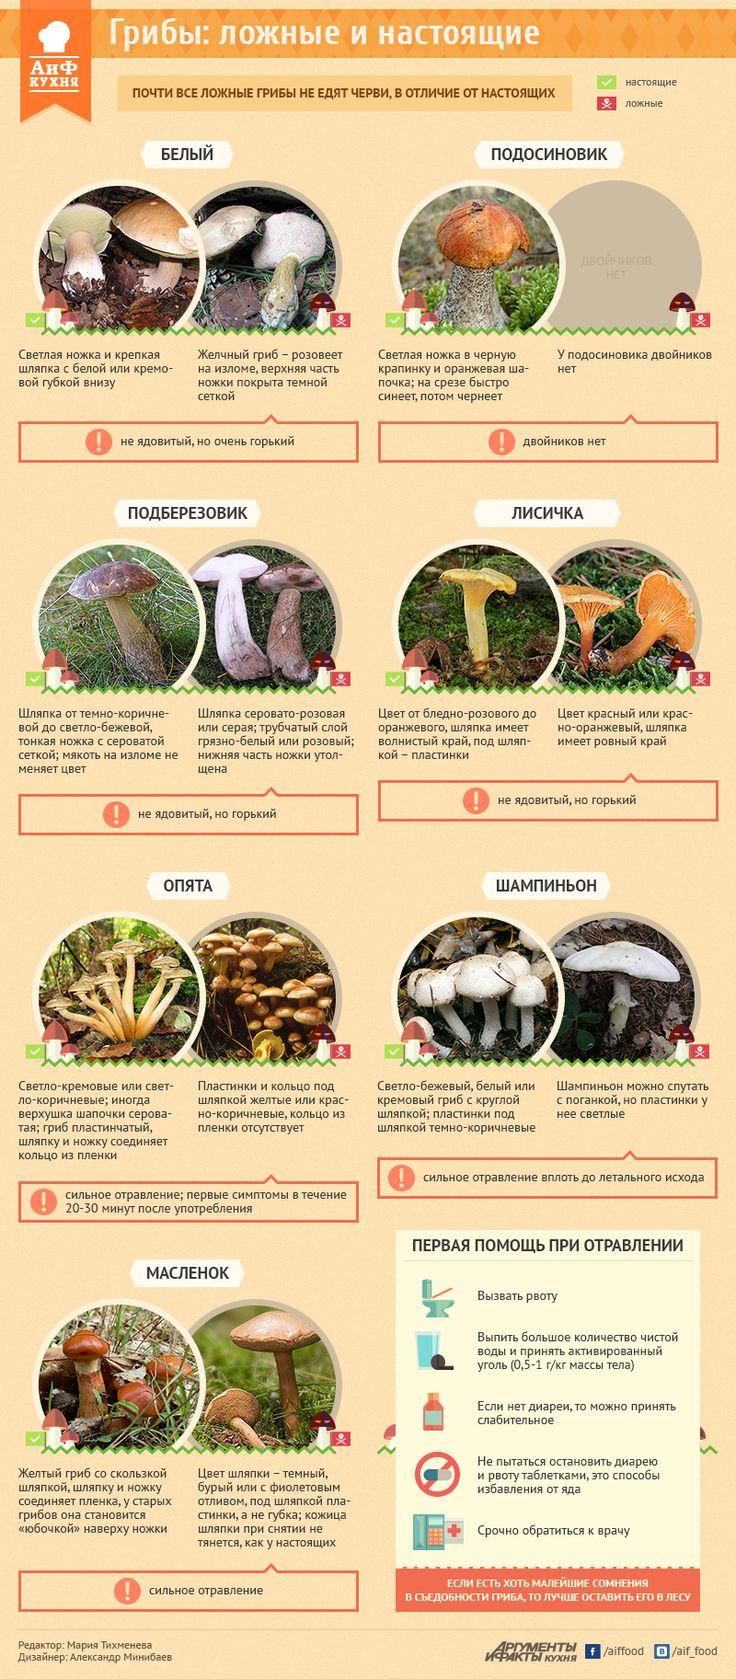 Как отличить съедобный гриб от ядовитого двойника. Инфографика | Продукты и напитки | Кухня | Аргументы и Факты